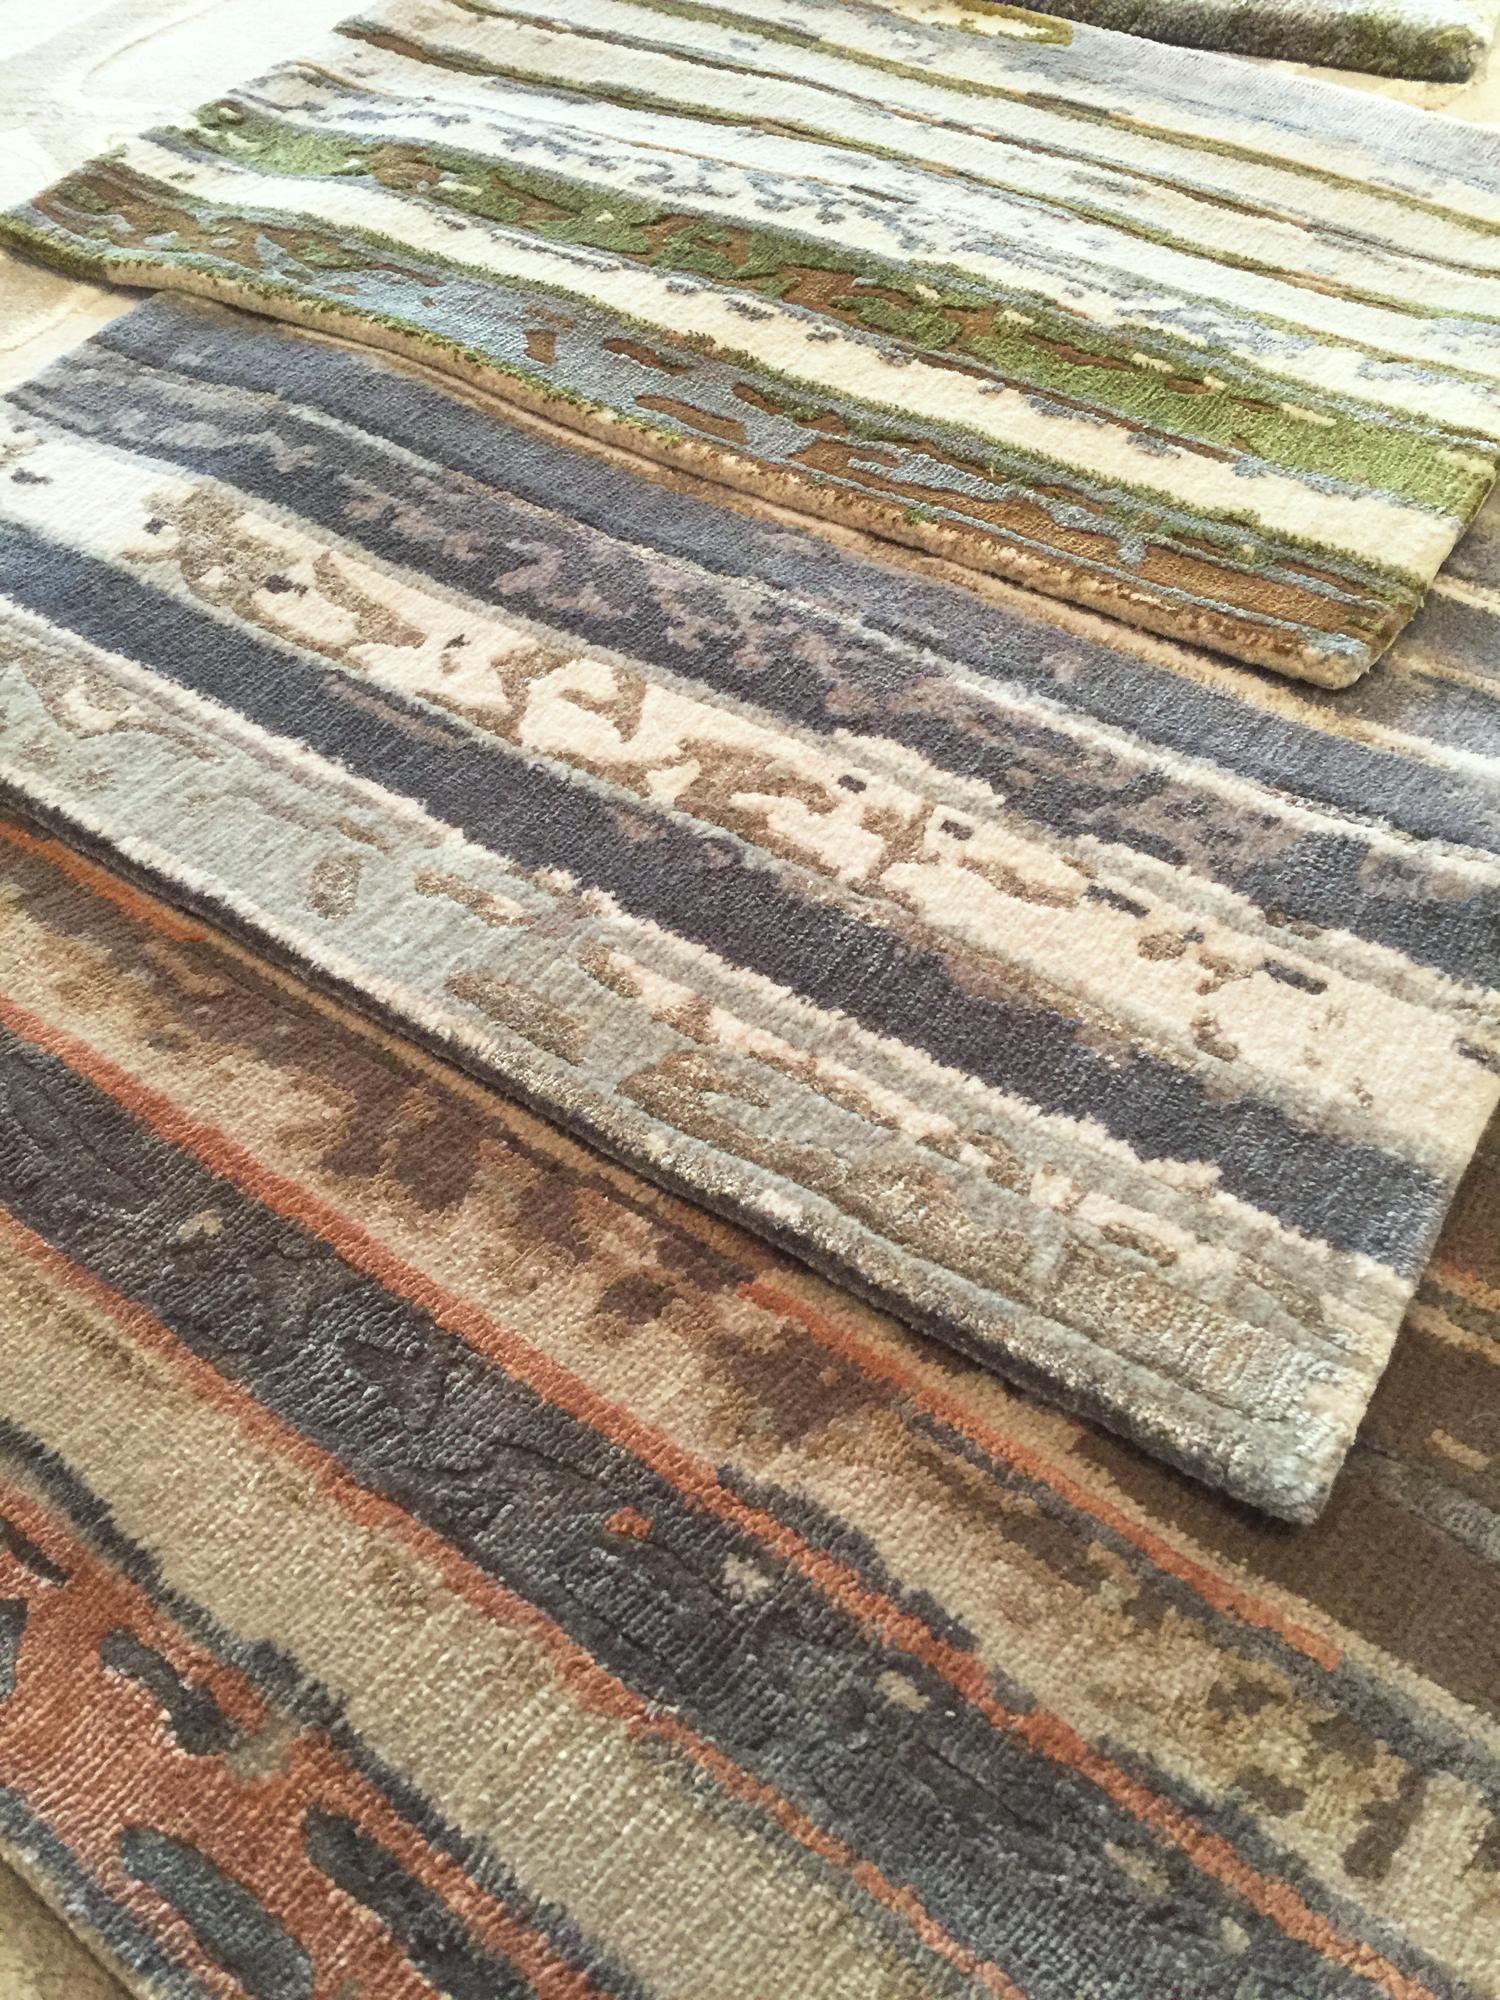 Custom Lapchi rugs